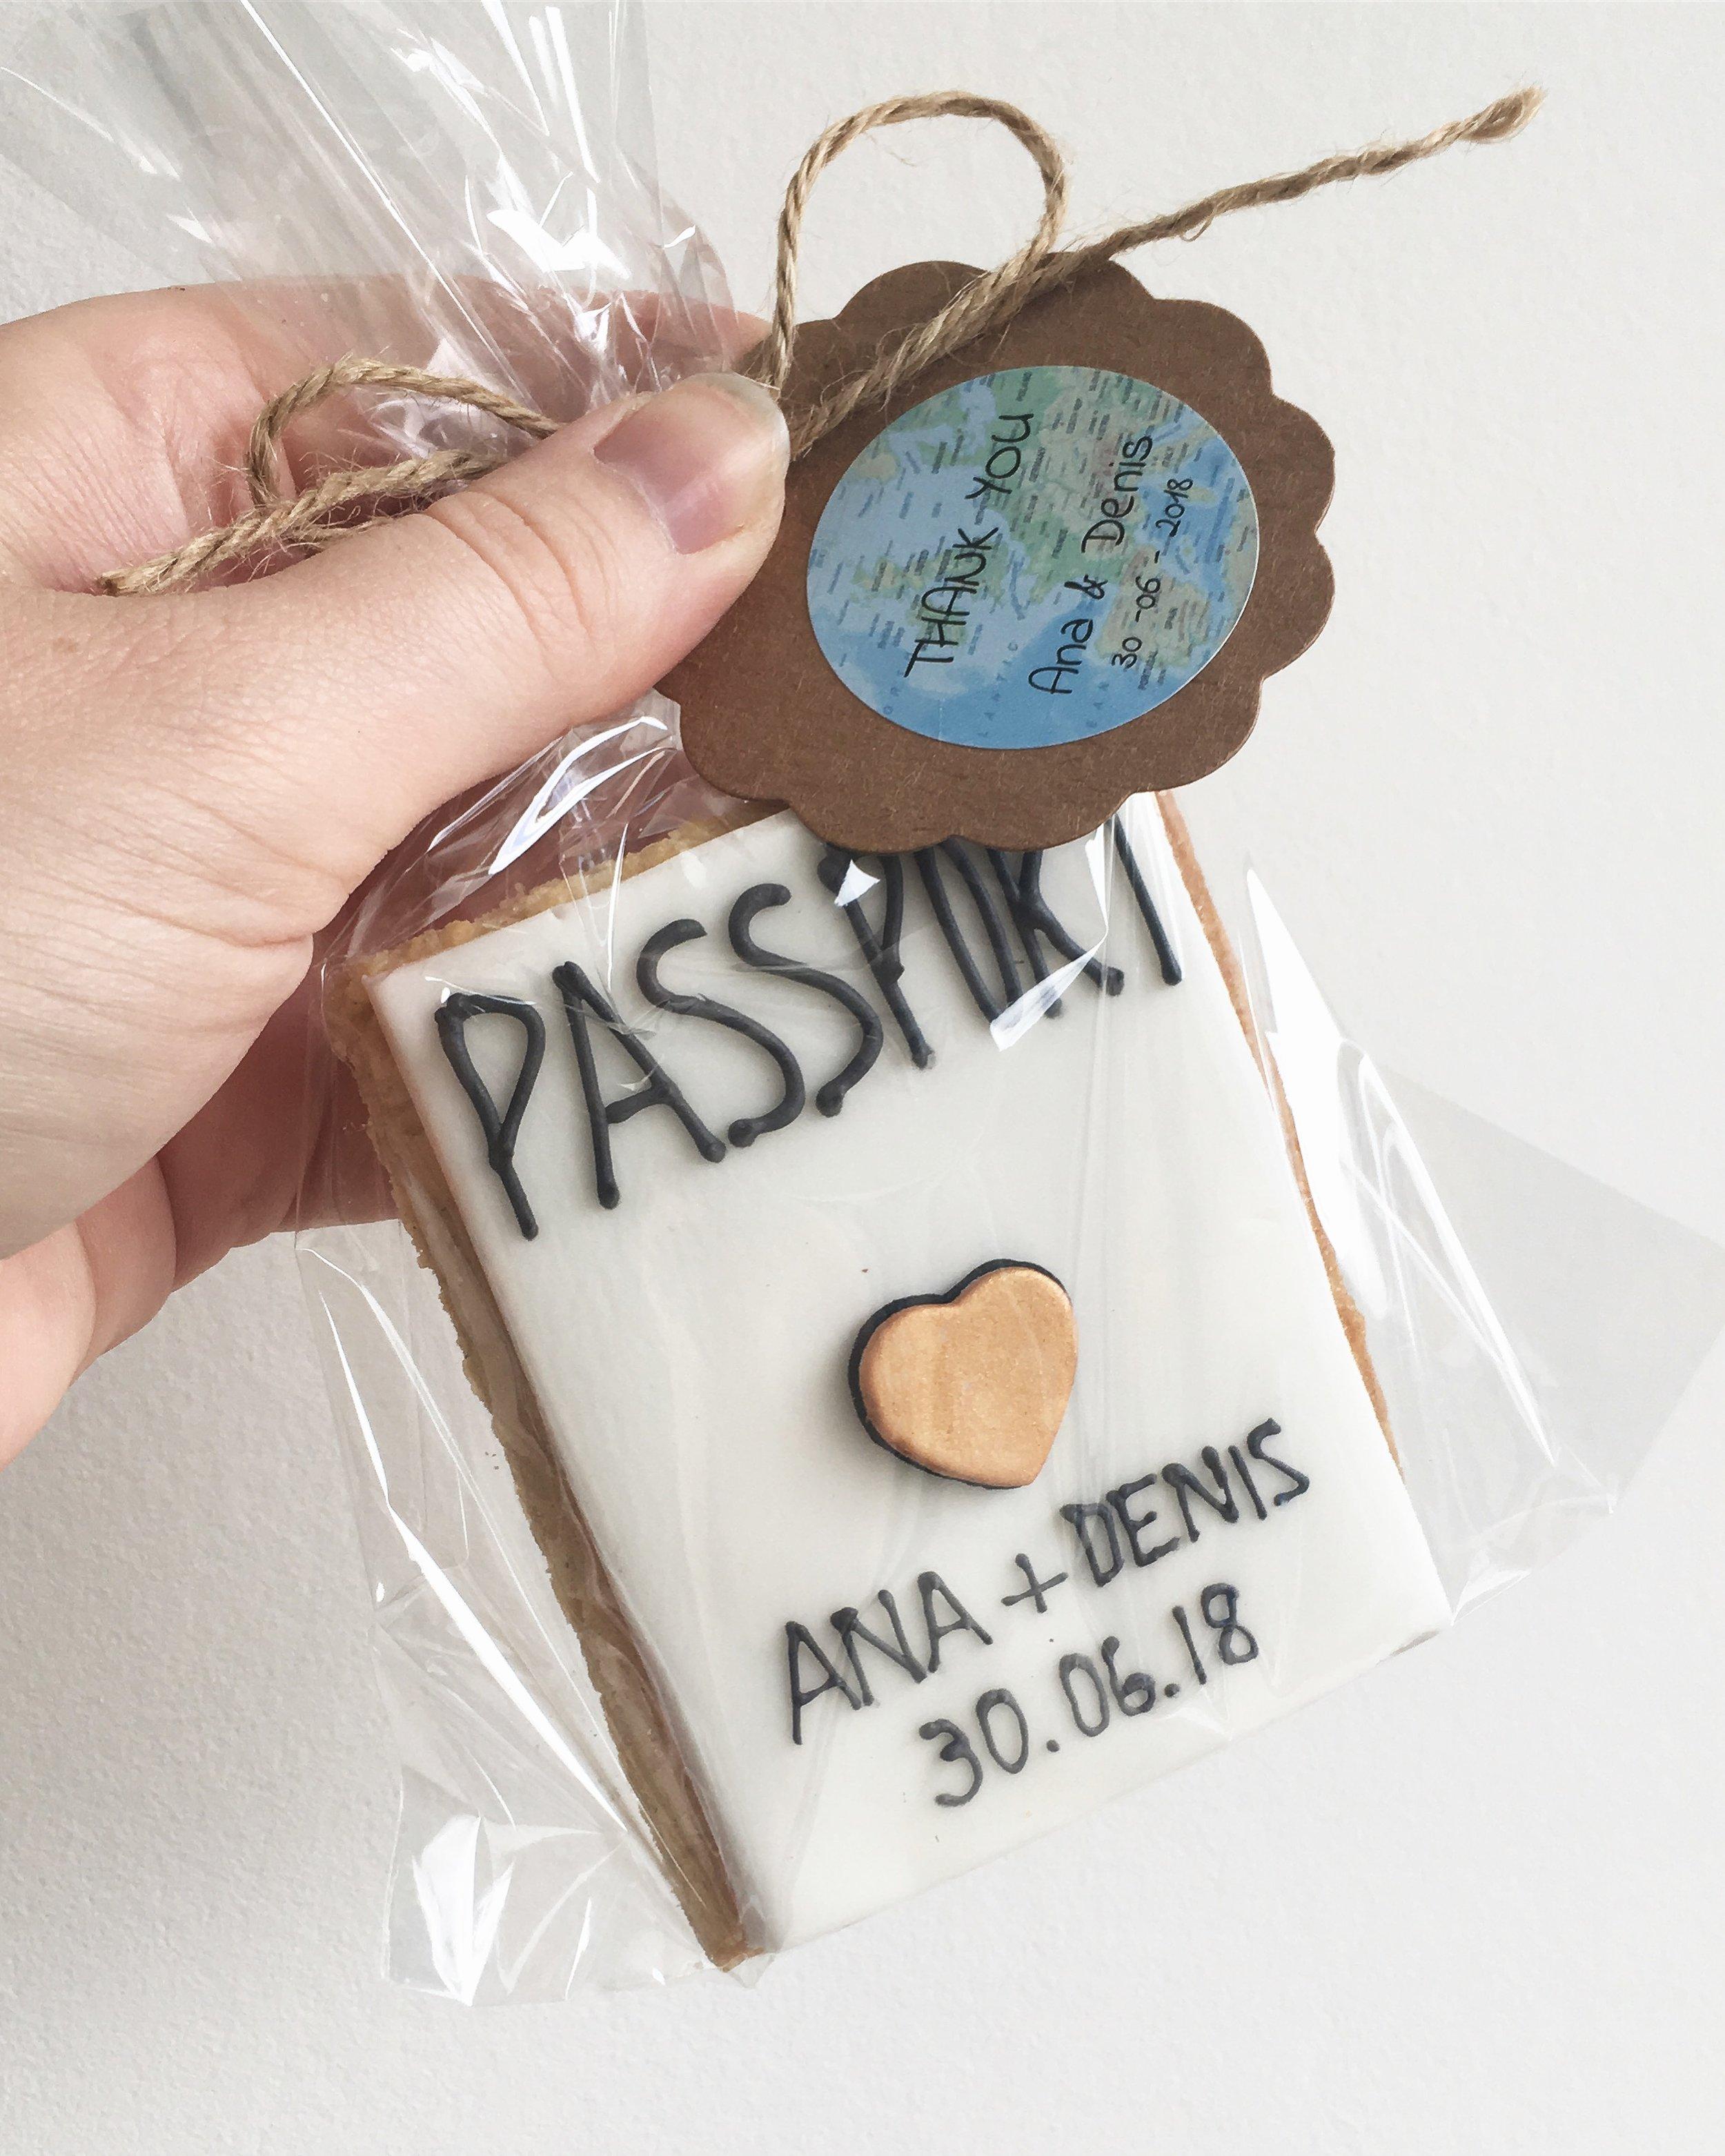 Ana-Fernandez-passport-favour.JPG